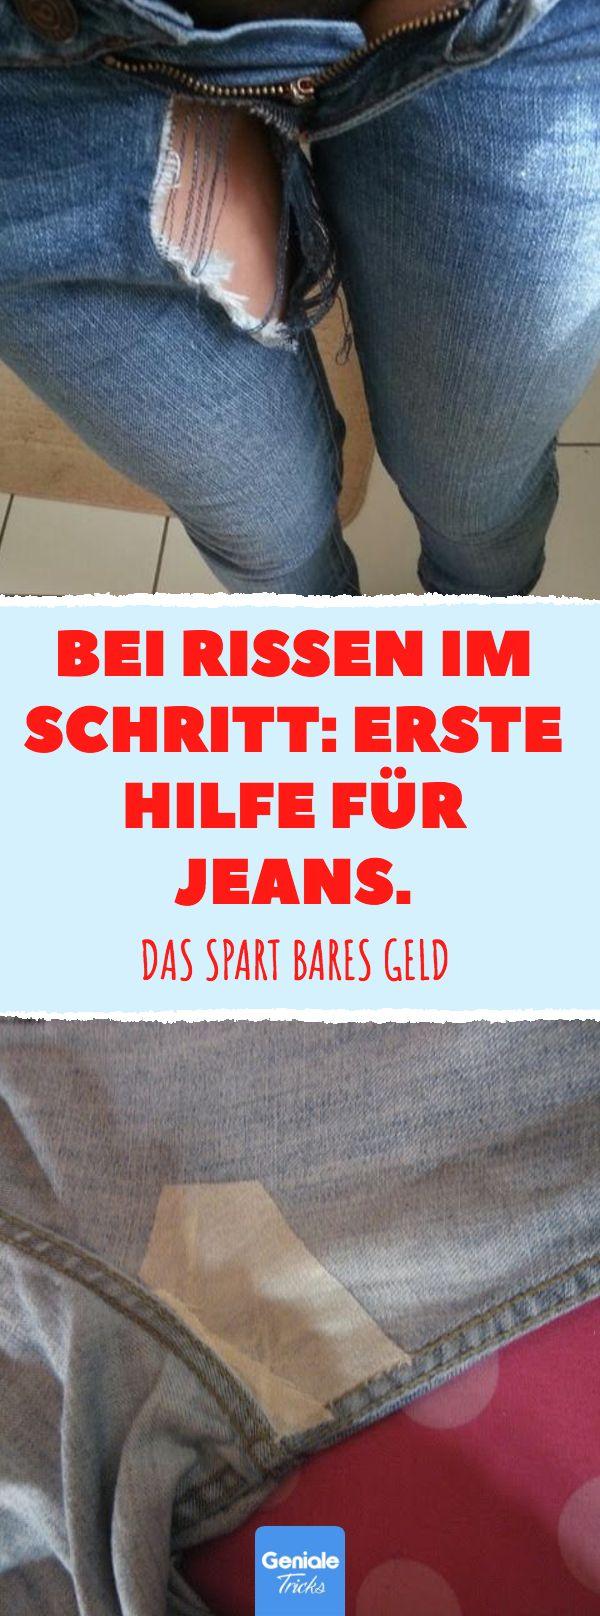 Bei Rissen im Schritt: Erste Hilfe für Jeans. Riss im Schritt flicken: So rettest du deine Jeans. #jeans #flicken #reparieren #nähen #loch #riss #stoff – Melanie Jans